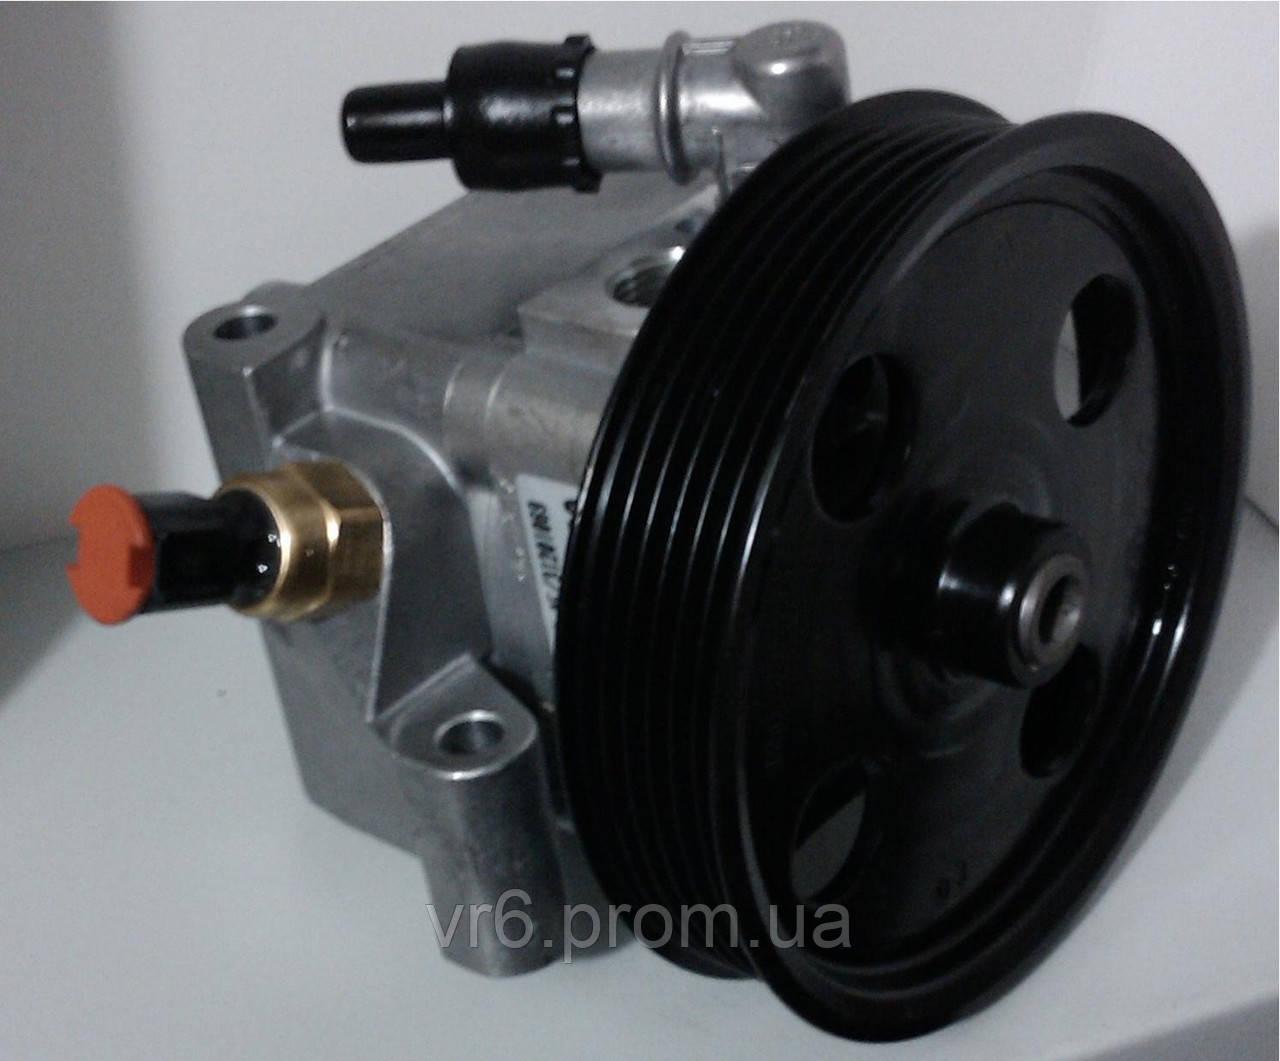 Шланг гидроусилителя руля форд фокус 2 14 фотография